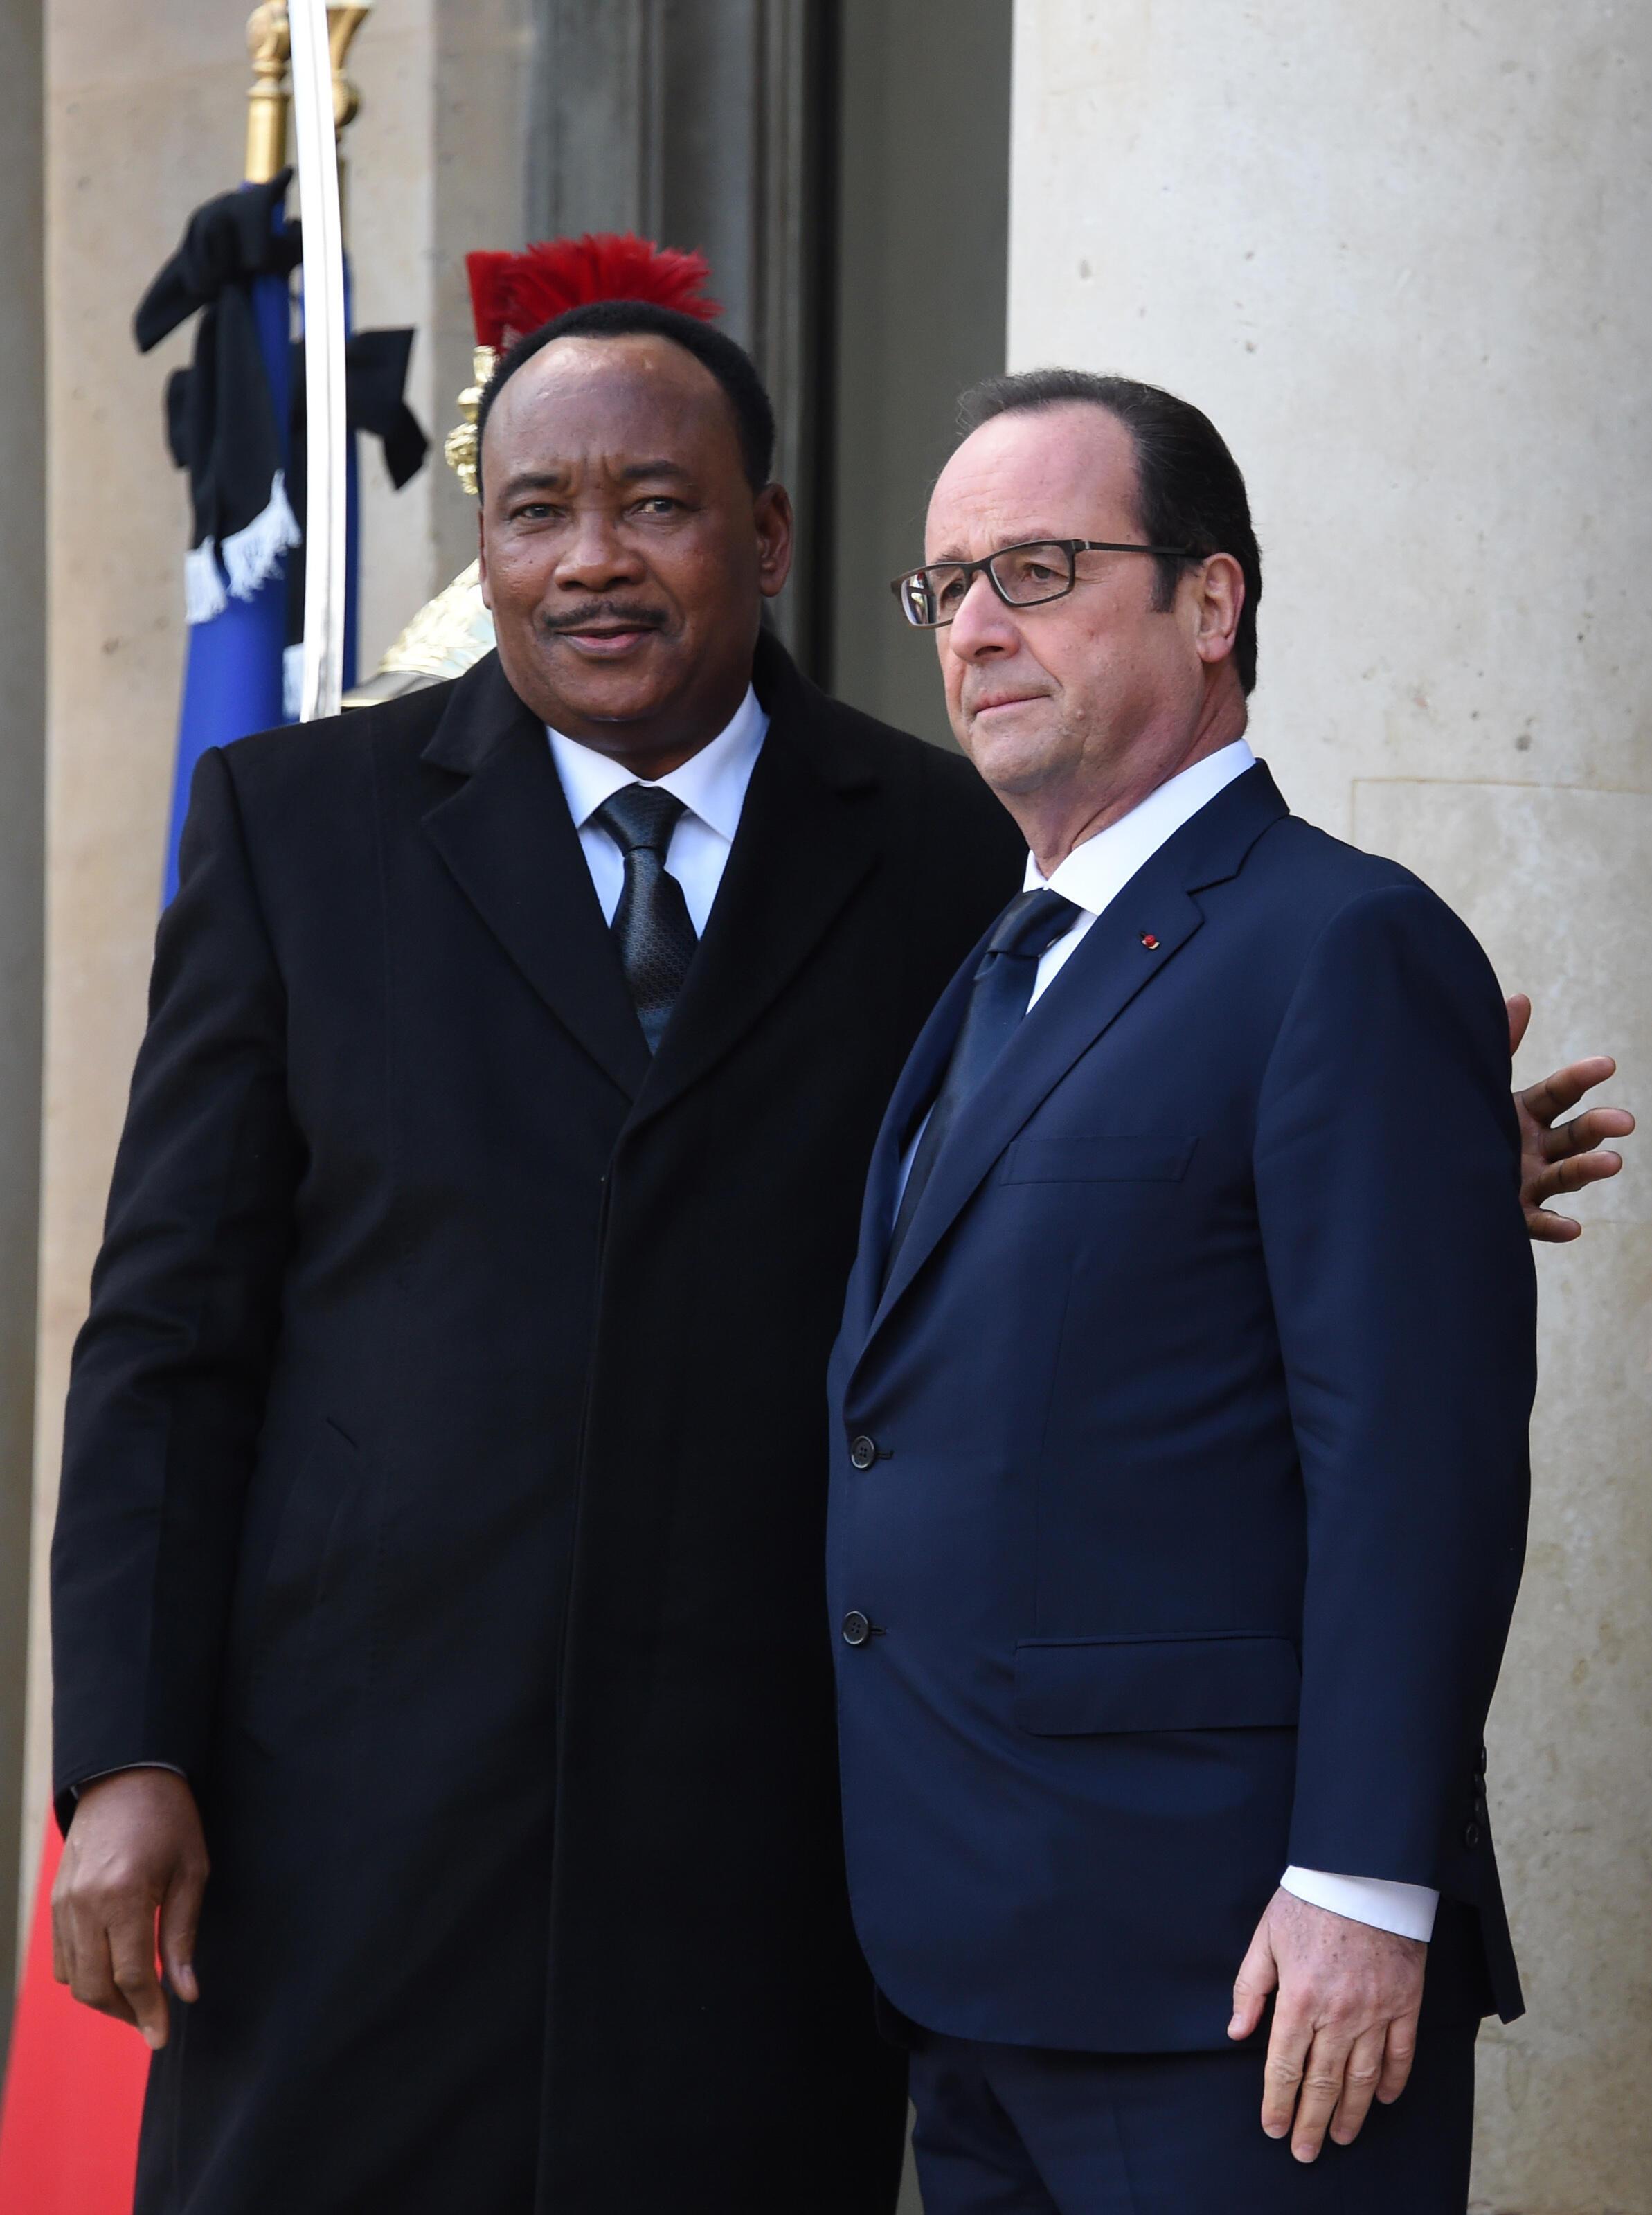 Le président du Niger, Mahamadou Issoufou, accueilli par François Hollande avant la Marche républicaine. 11 janvier 2015.